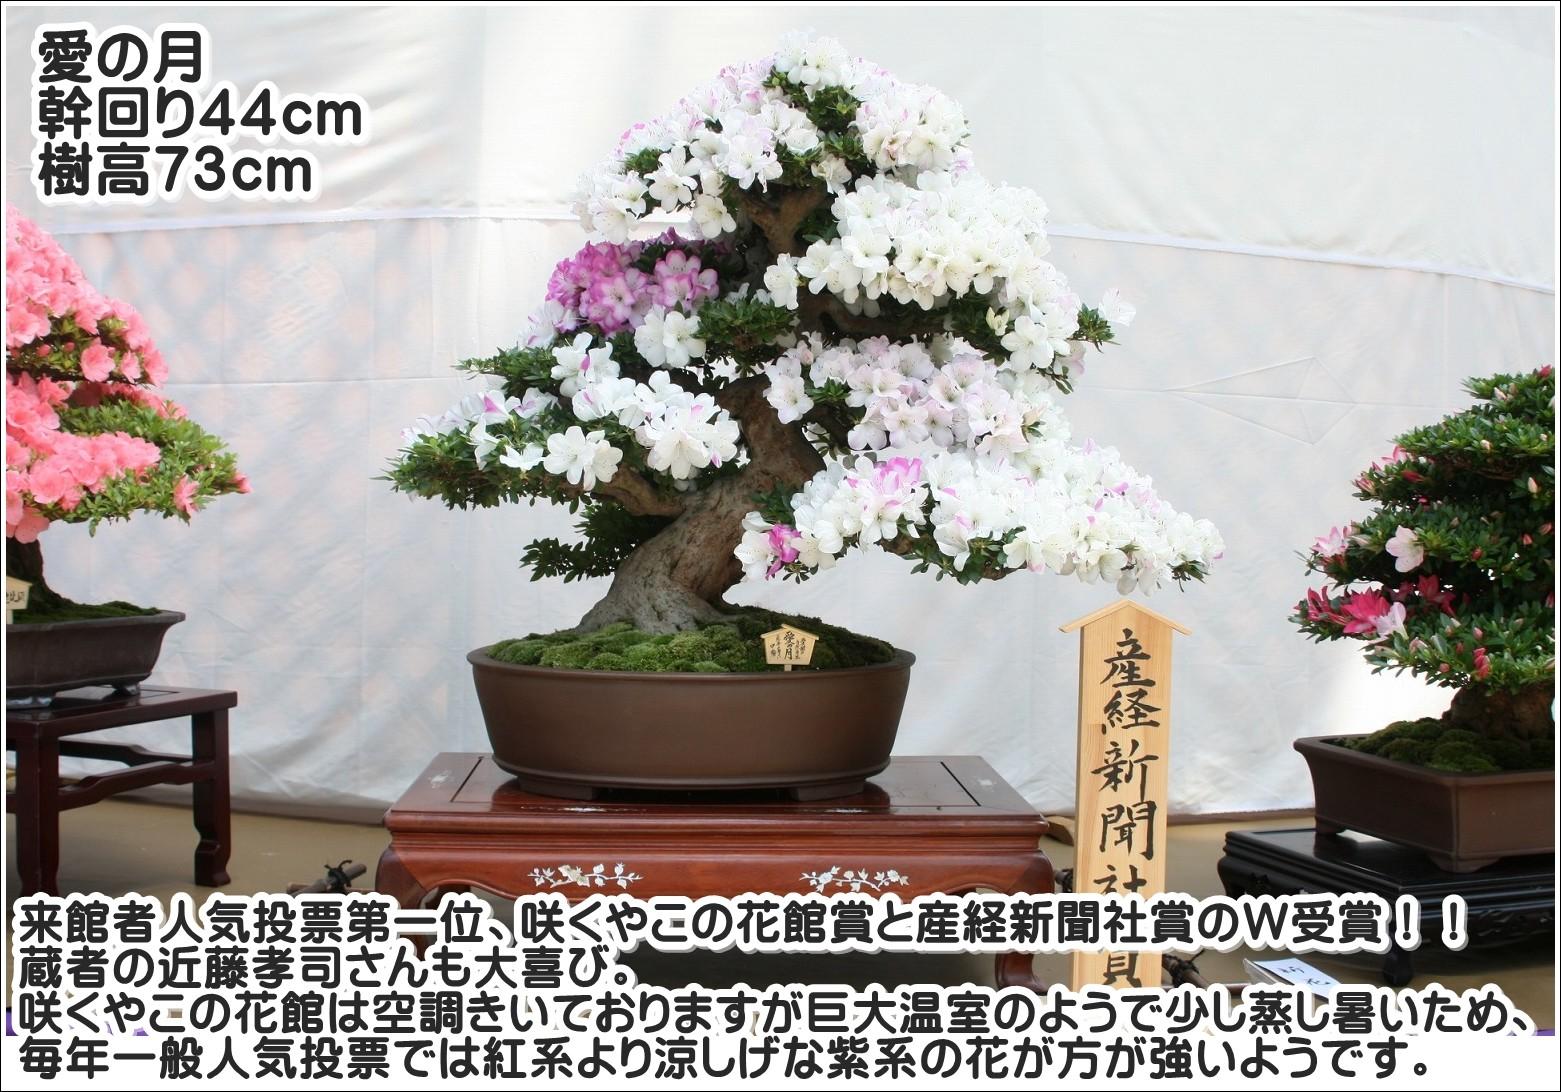 来館者人気投票第1位、咲くやこの花館賞と産経新聞賞のW受賞!蔵者の近藤孝司さんも大喜び。